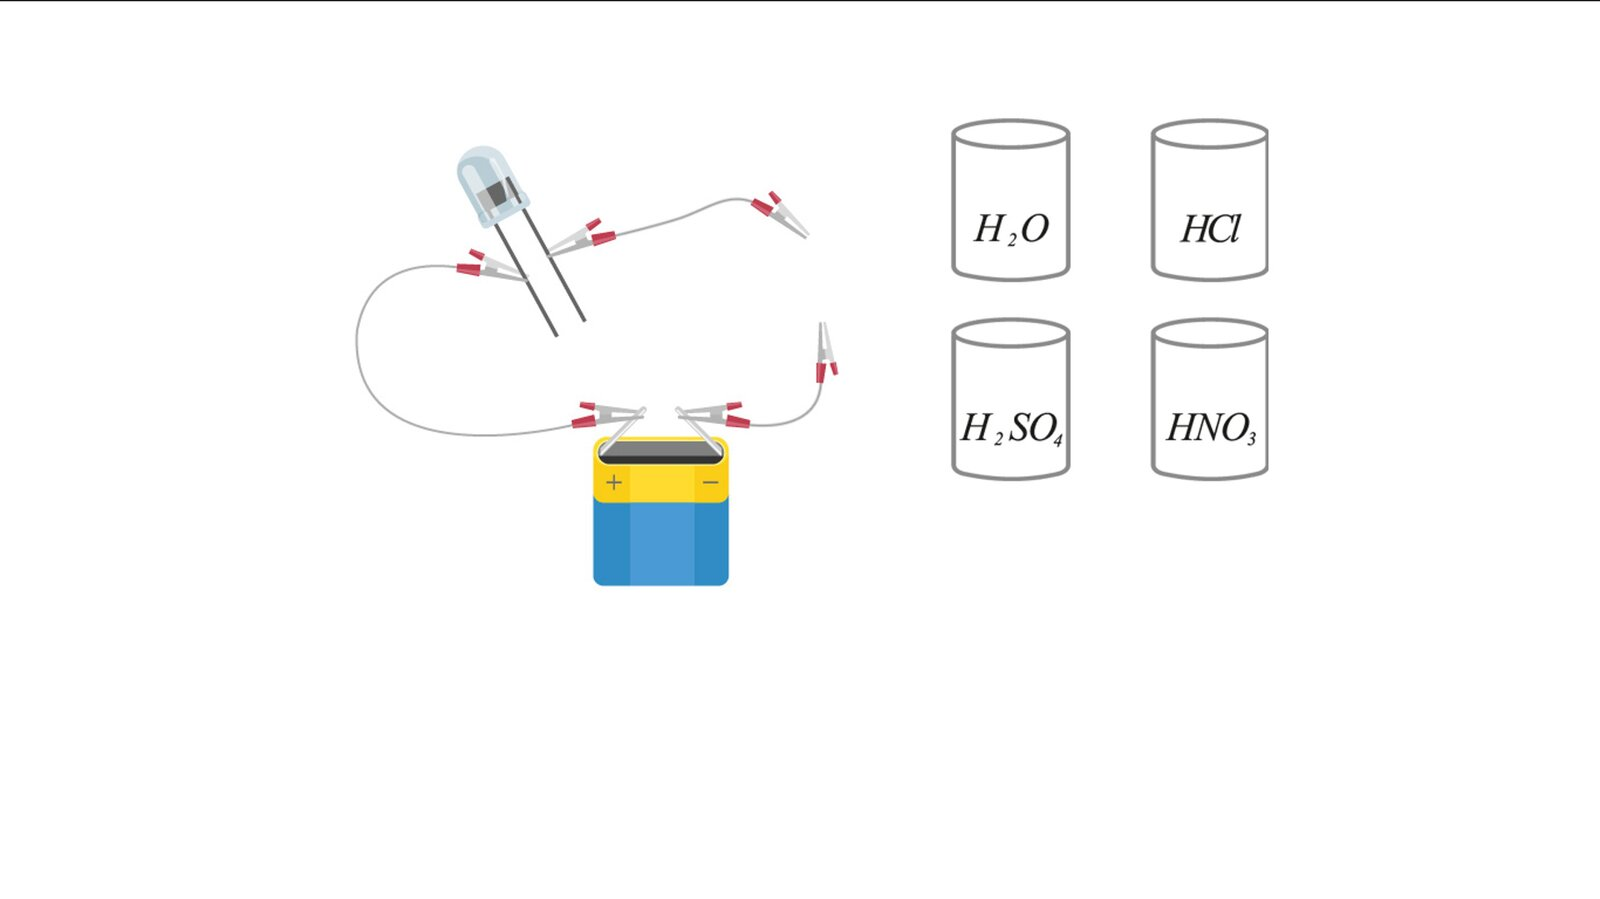 Aplikacja interaktywna ilustrująca zdolność kwasów do przewodzenia prądu elektrycznego. Po lewej stronie okna znajduje się rysunek obwodu składającego się zbaterii płaskiej oraz diody świecącej. Dodatni biegun baterii połączony jest zlewą nóżką diody przewodami zzaciskami na końcach, tak zwanymi krokodylkami. Od ujemnego bieguna baterii oraz prawej nóżki diody odchodzą kolejne dwa przewody, których przeciwległe końce zbliżają się do siebie wcentralnej części okna aplikacji, ale się nie stykają. Po prawej stronie znajdują się cztery symbolicznie przedstawione zlewki oznaczone symbolami znajdujących się wewnątrz nich substancji: H2O, HCl, H2SO4 oraz HNO3. Kliknięcie iprzeciągnięcie którejś zlewki wobszar pomiędzy wolnymi końcami przewodów powoduje włączenie jej do obwodu. Jeżeli dokona się tego ze zlewką oznaczoną wzorem wody, to reakcji nie będzie. Wprzypadku kwasu solnego, siarkowego iazotowego efektem będzie zaświecenie się diody.